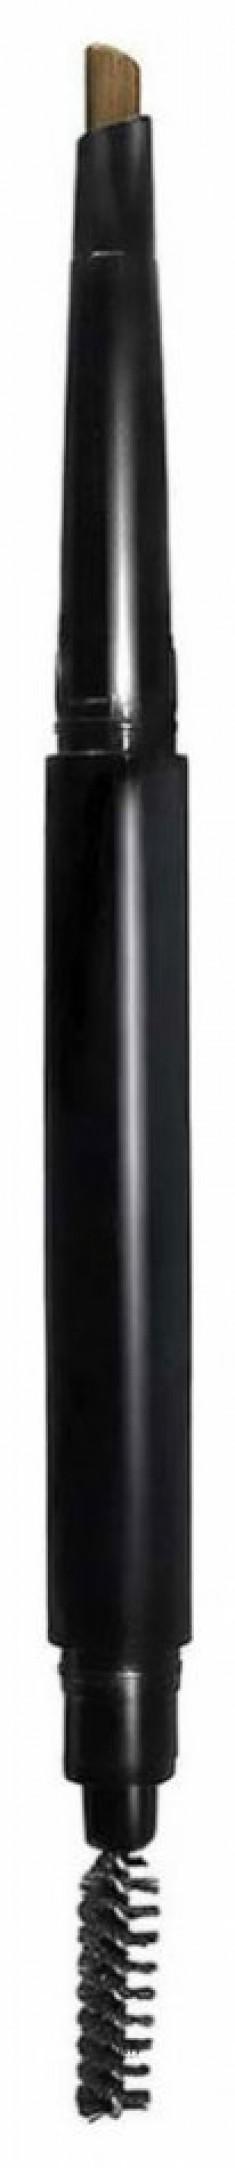 Подводка (лайнер) для бровей Sleek MakeUp